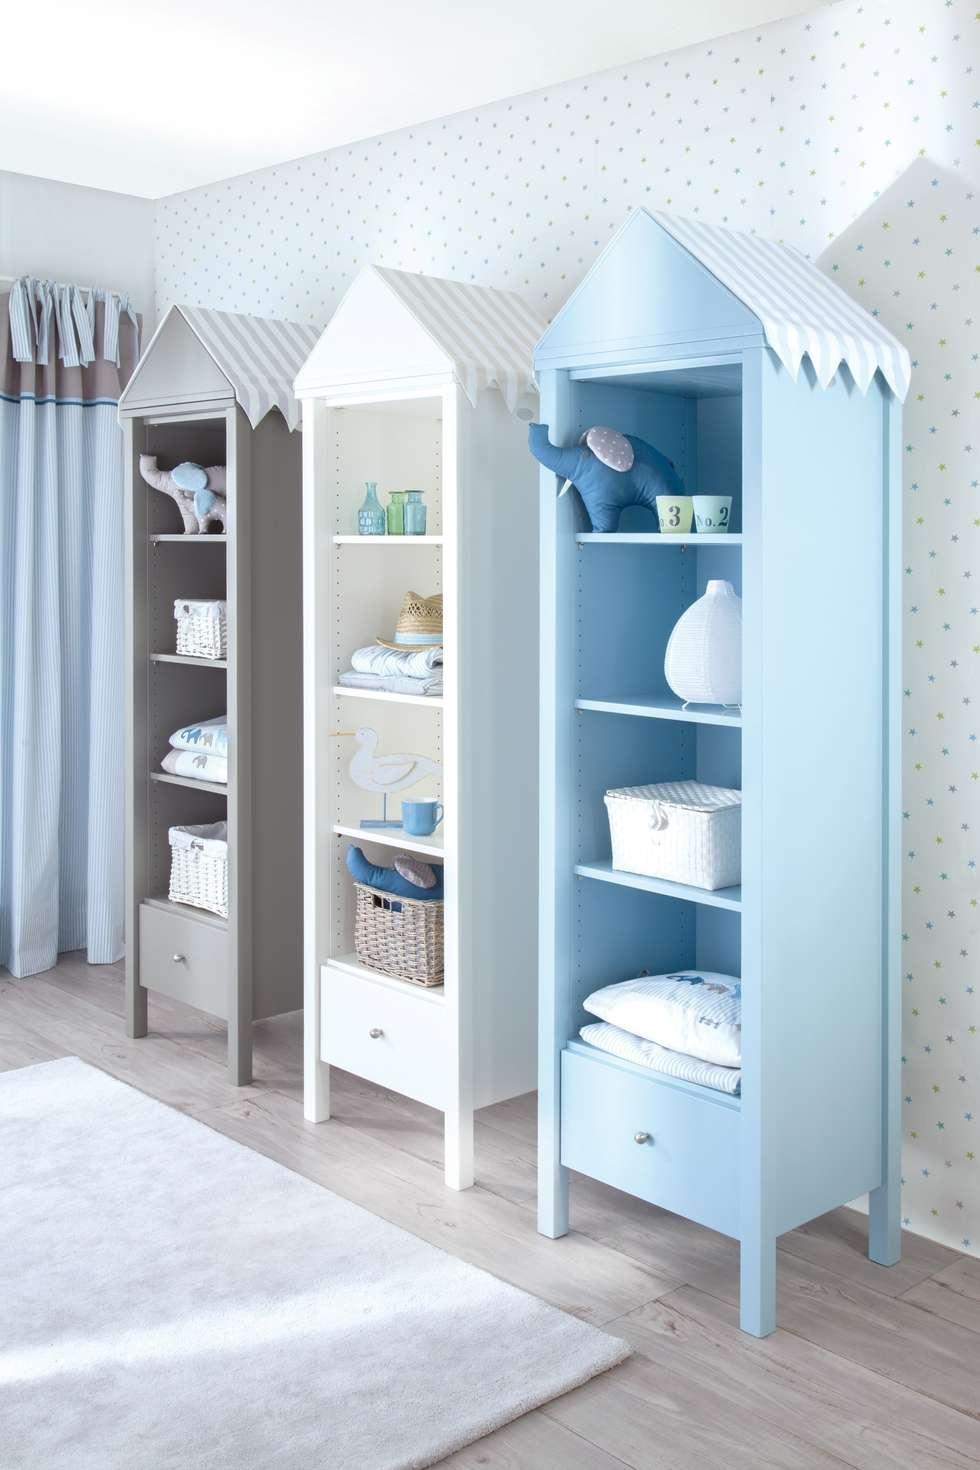 Elefanten Babyzimmer / Kinderzimmer von annette frank gmbh | homify